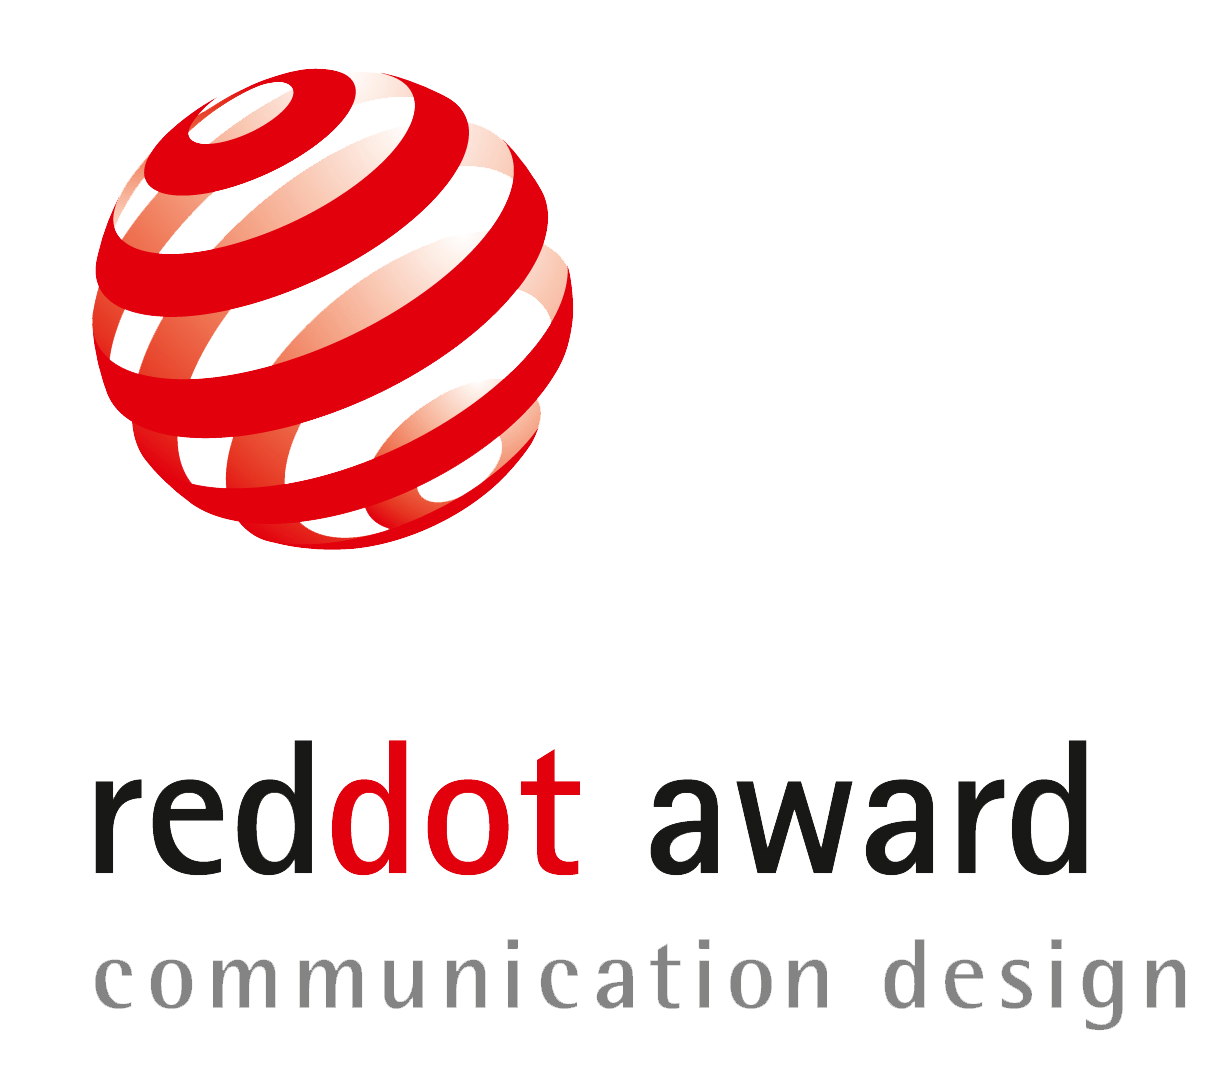 RedDot Award Communication Design